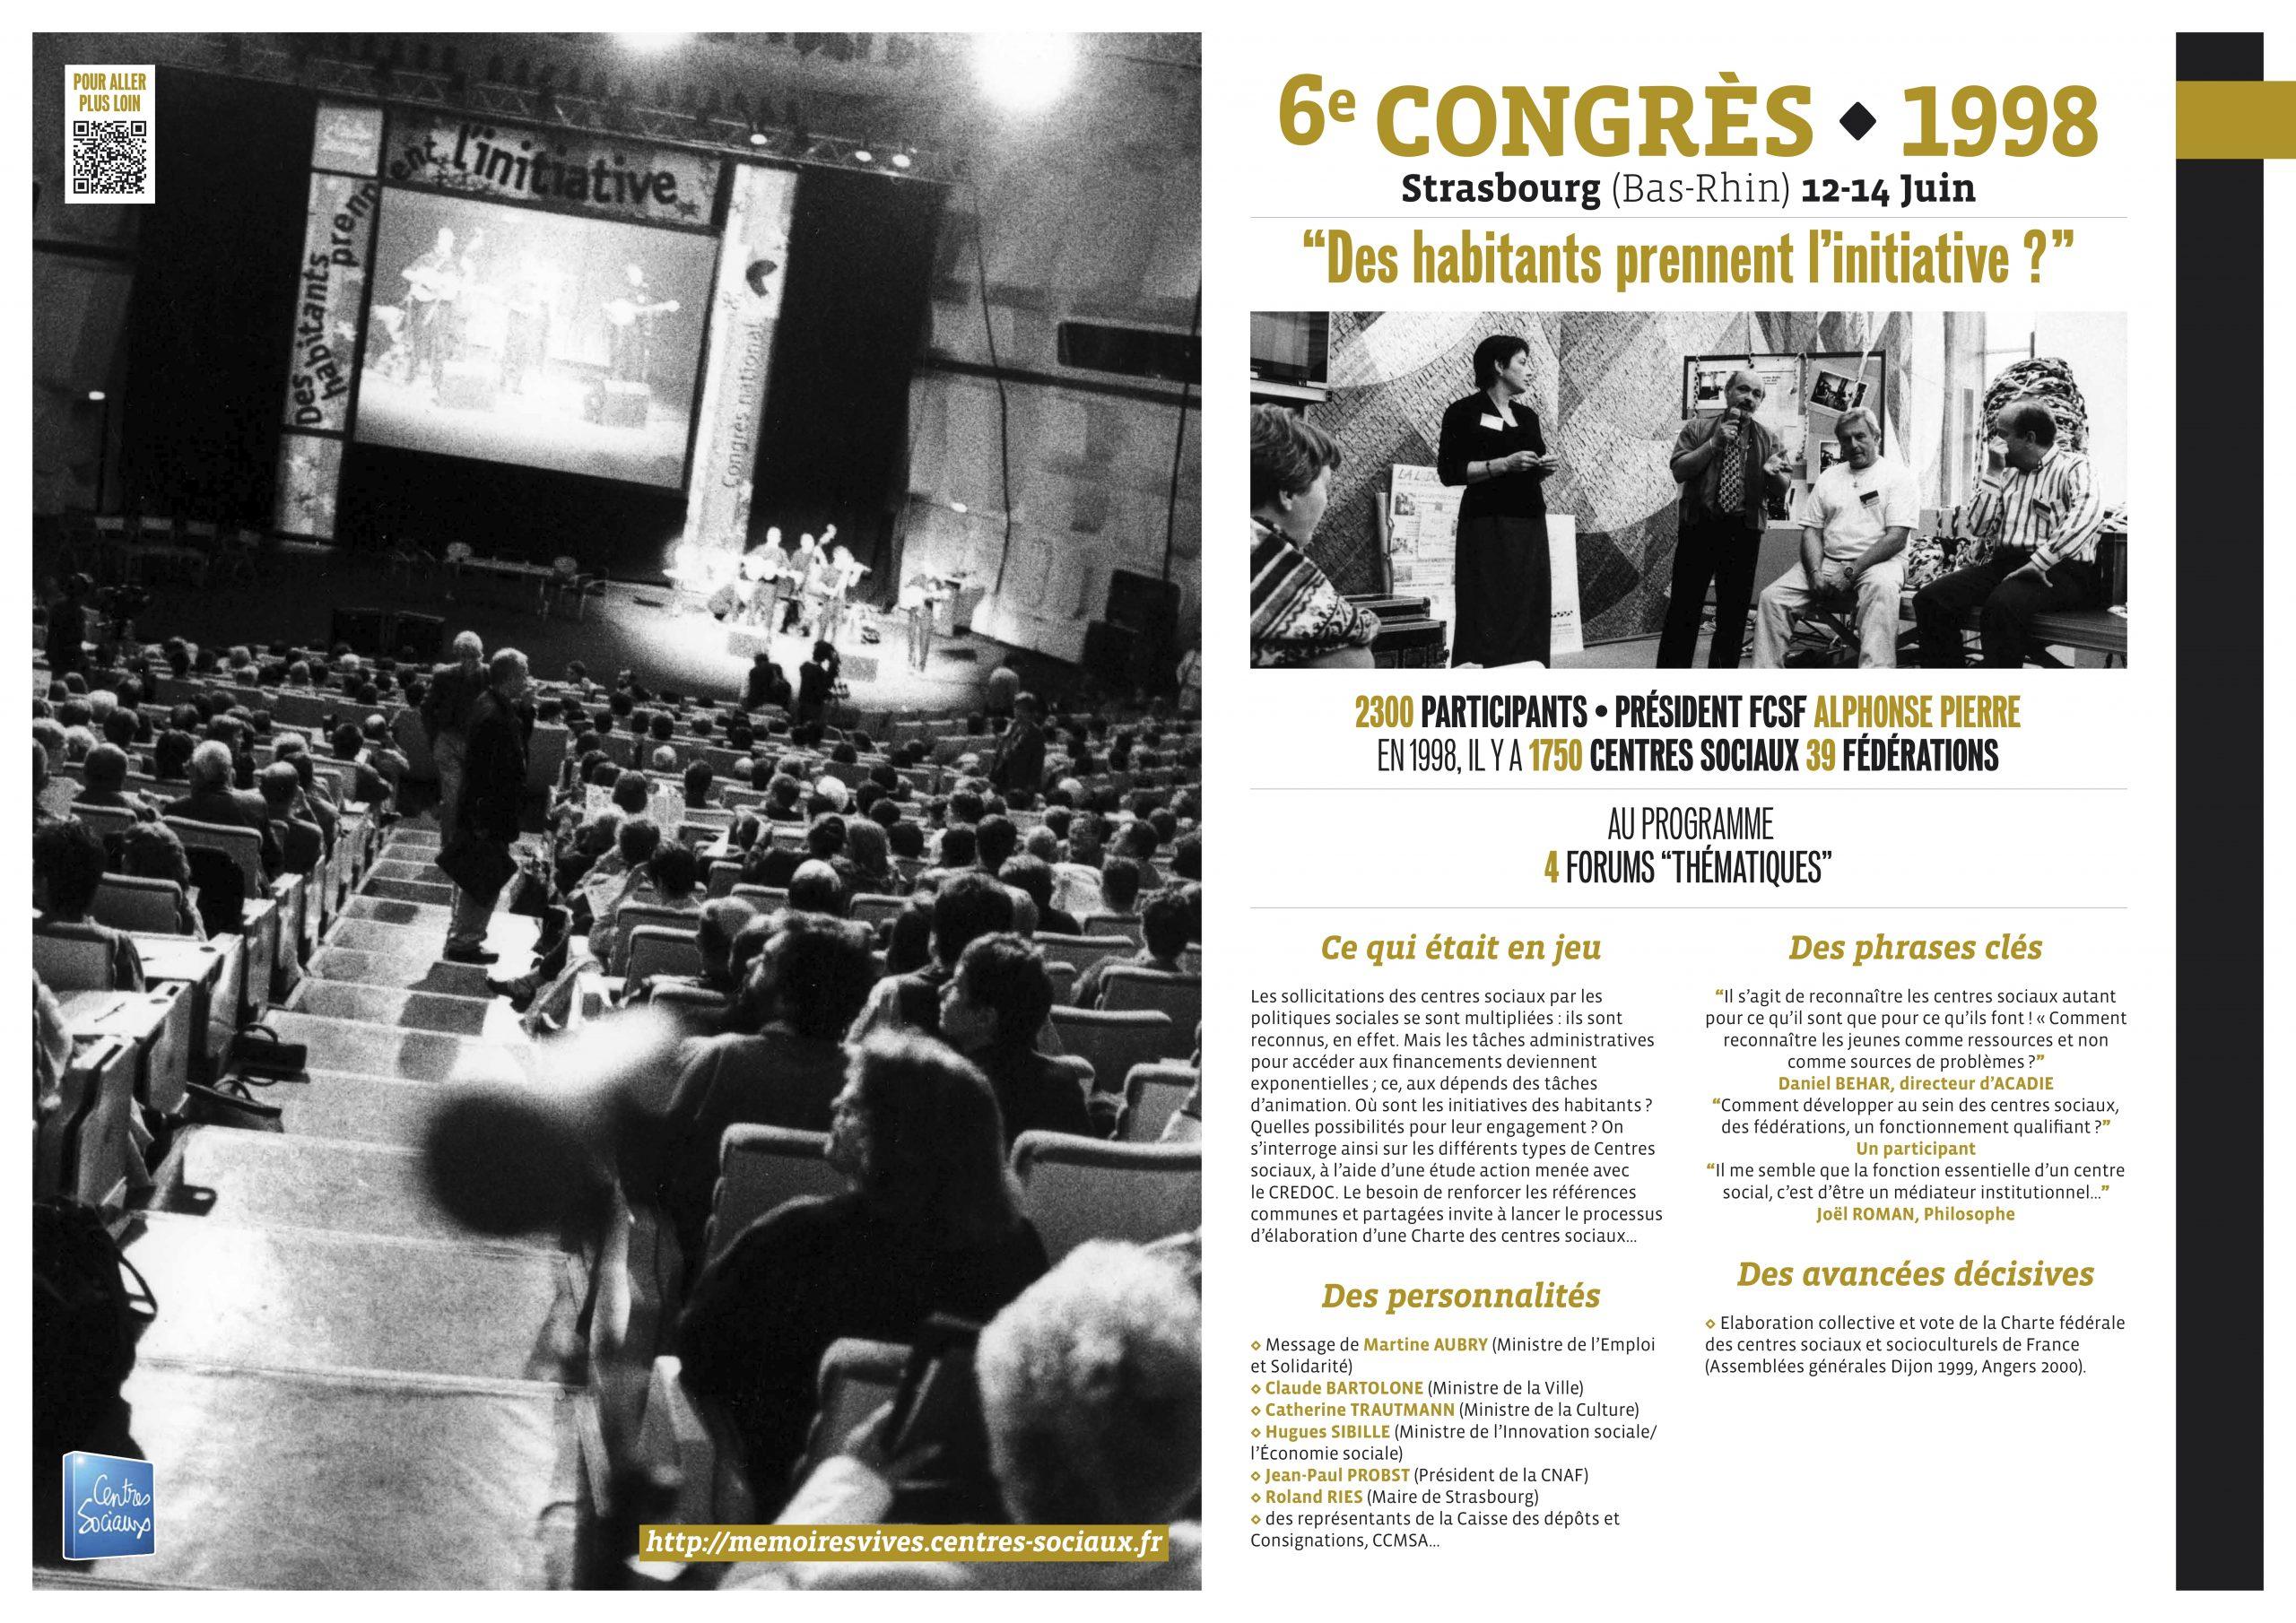 6ème Congrès